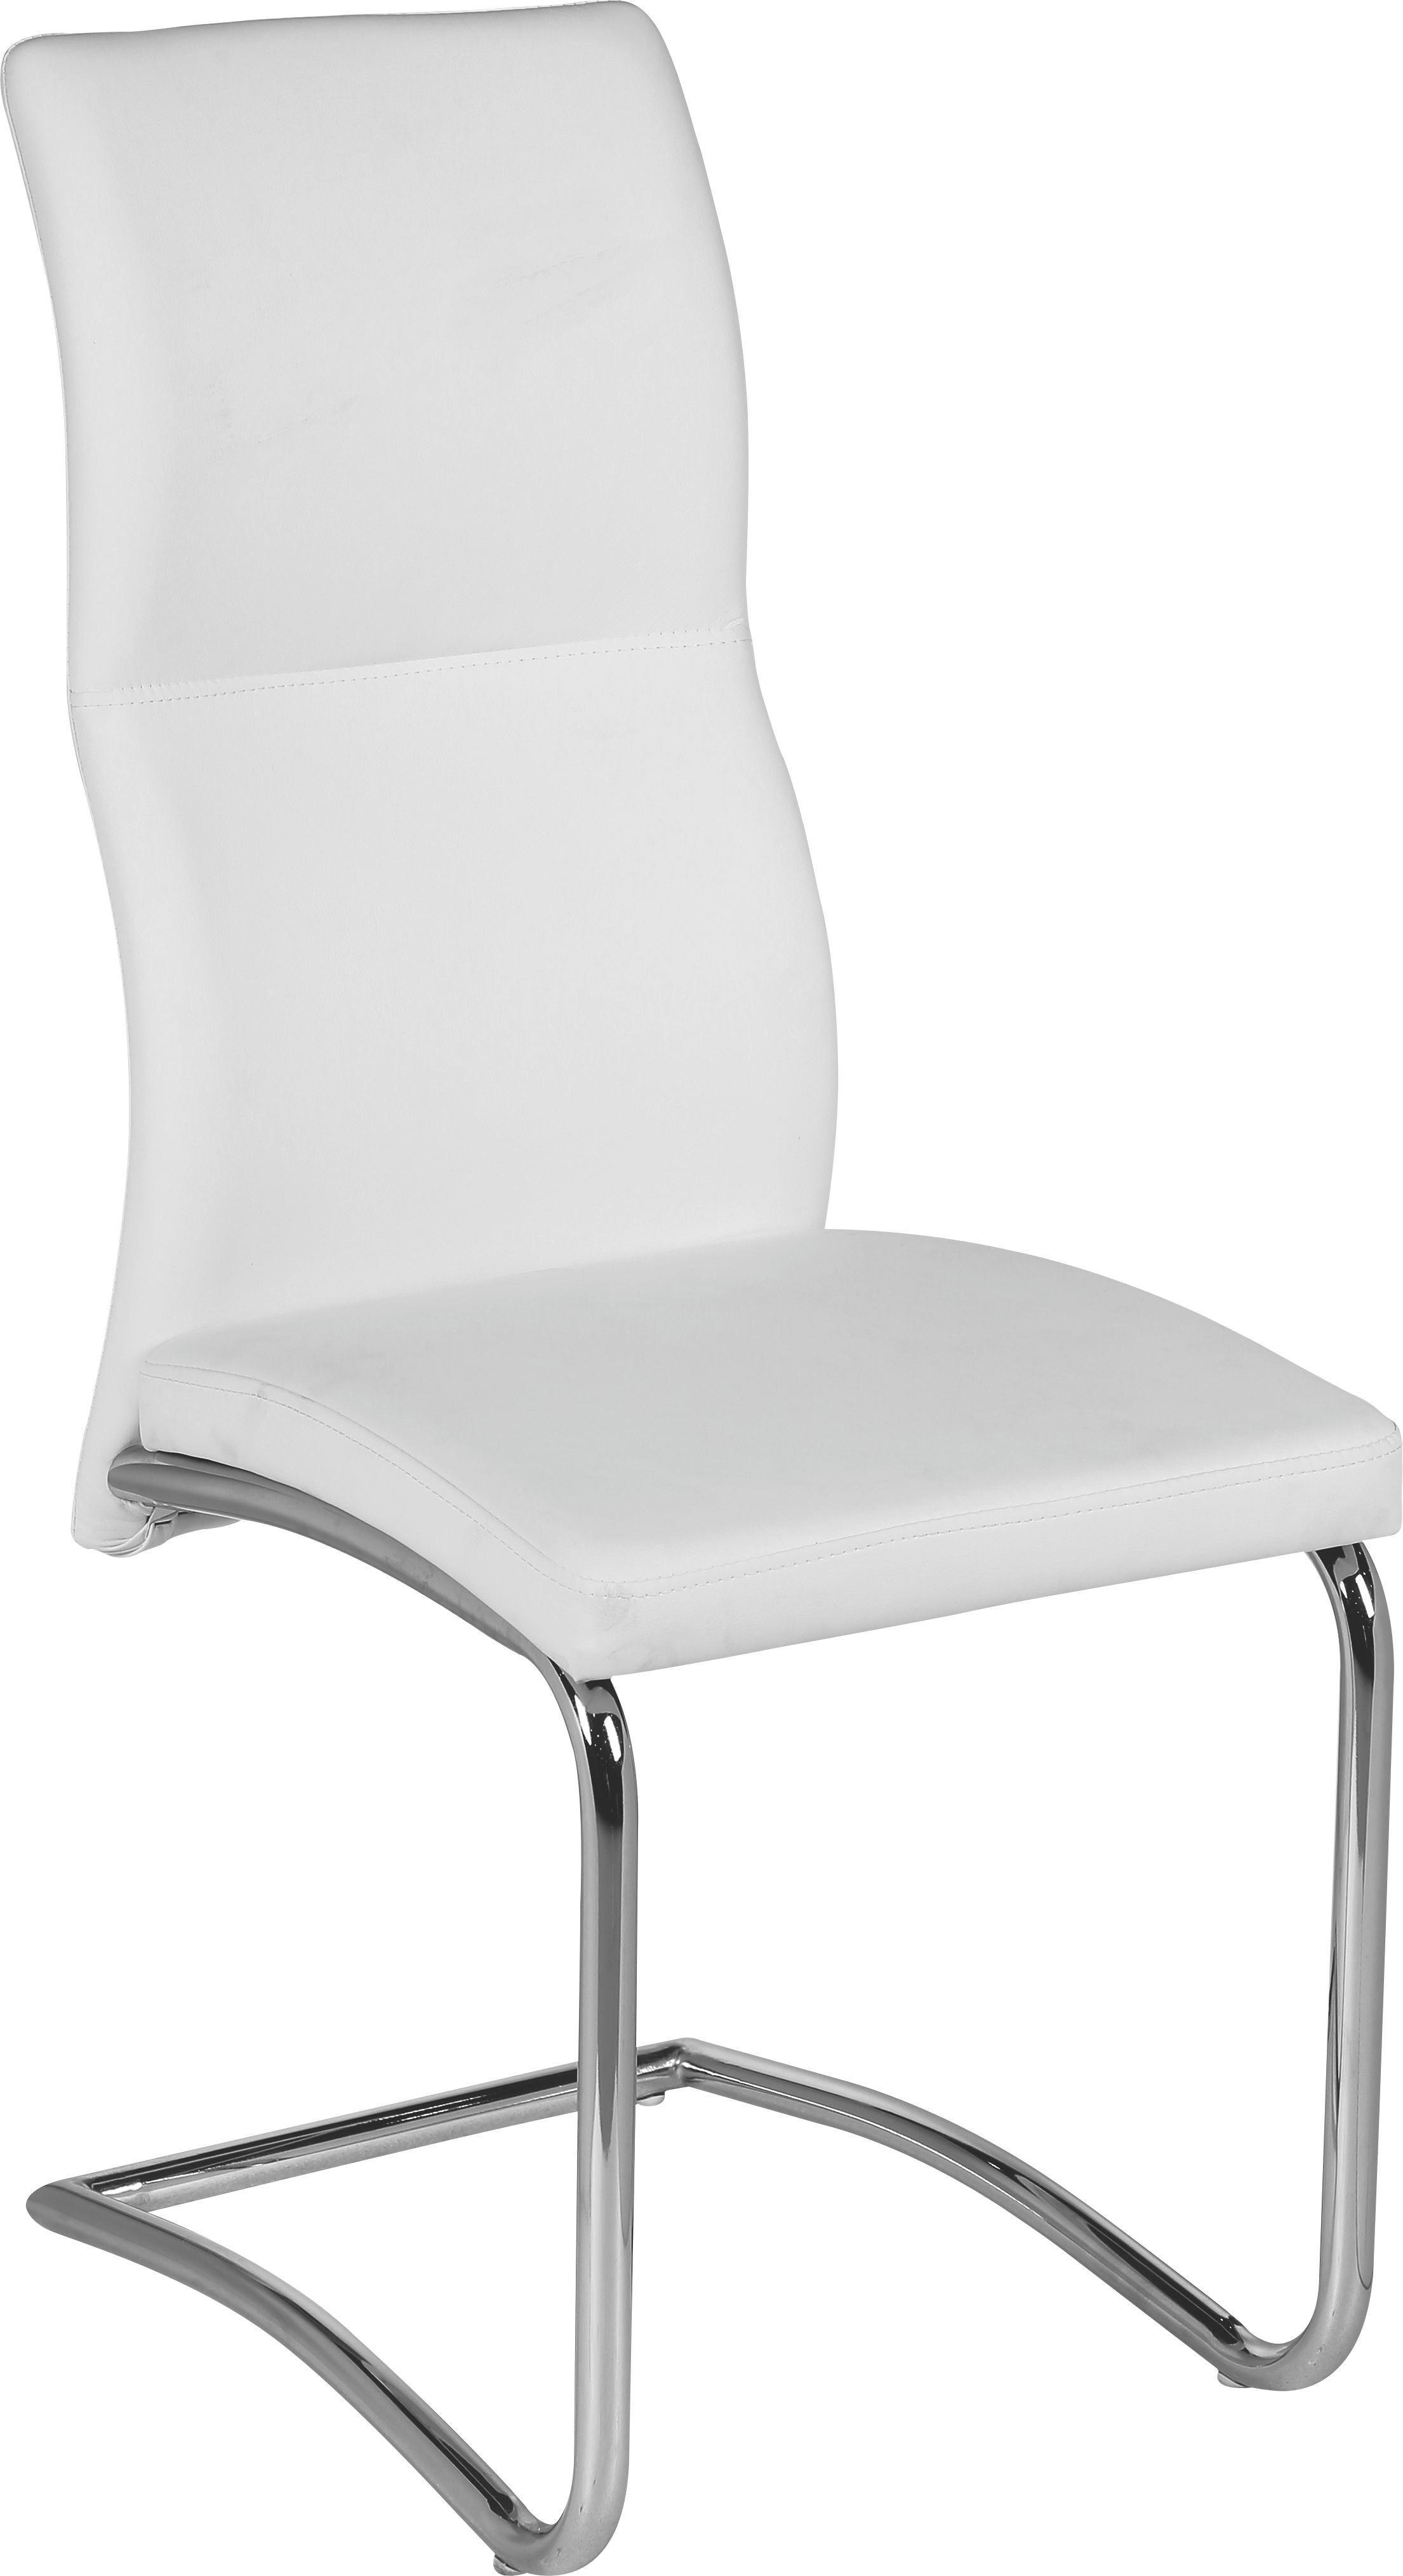 Houpací Židle Wendy - bílá, Moderní, kov/textil (43,5/102/62cm)